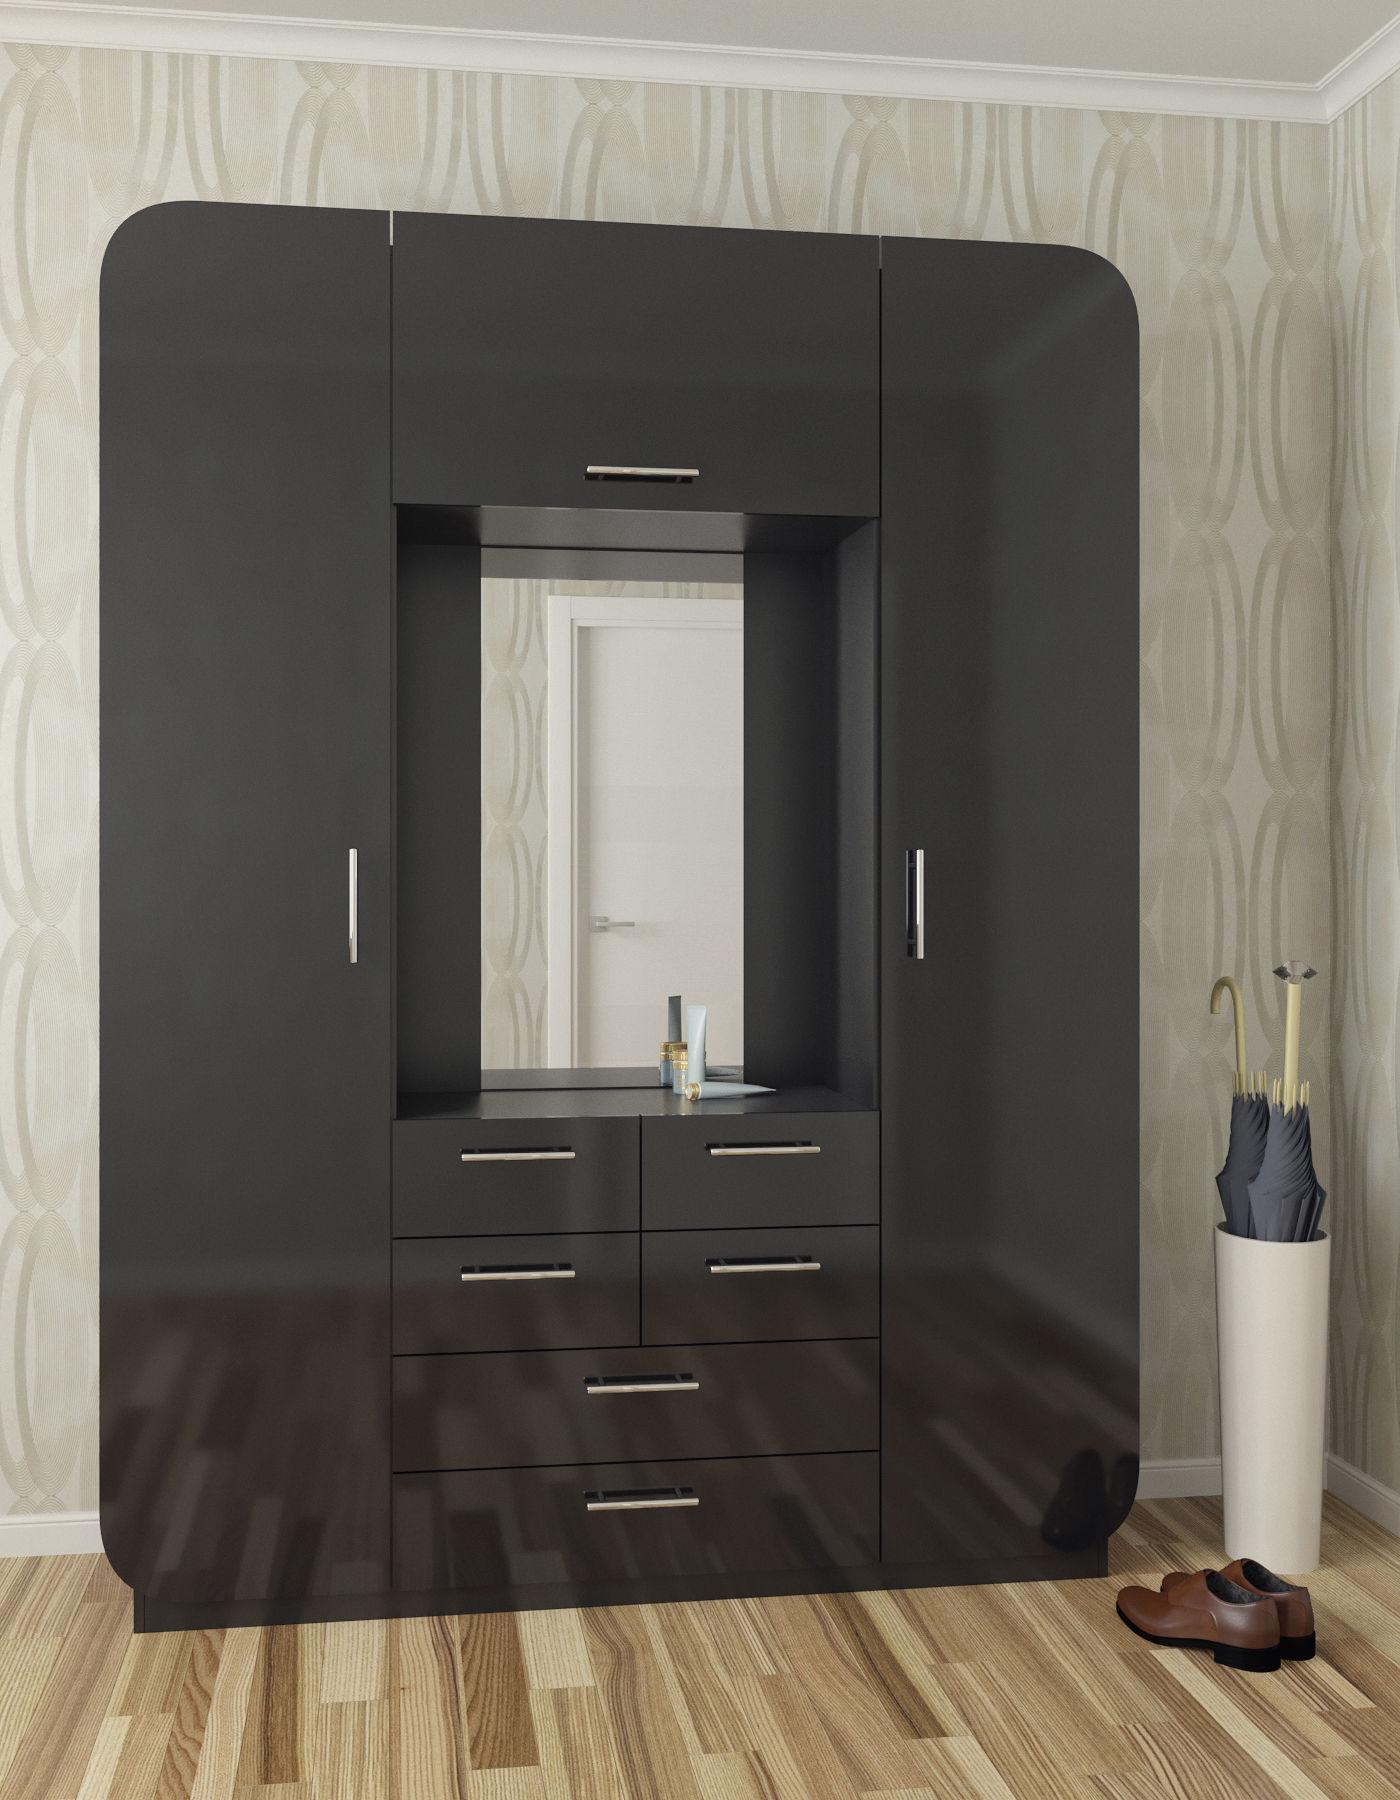 черный глянцевый шкаф в коридоре